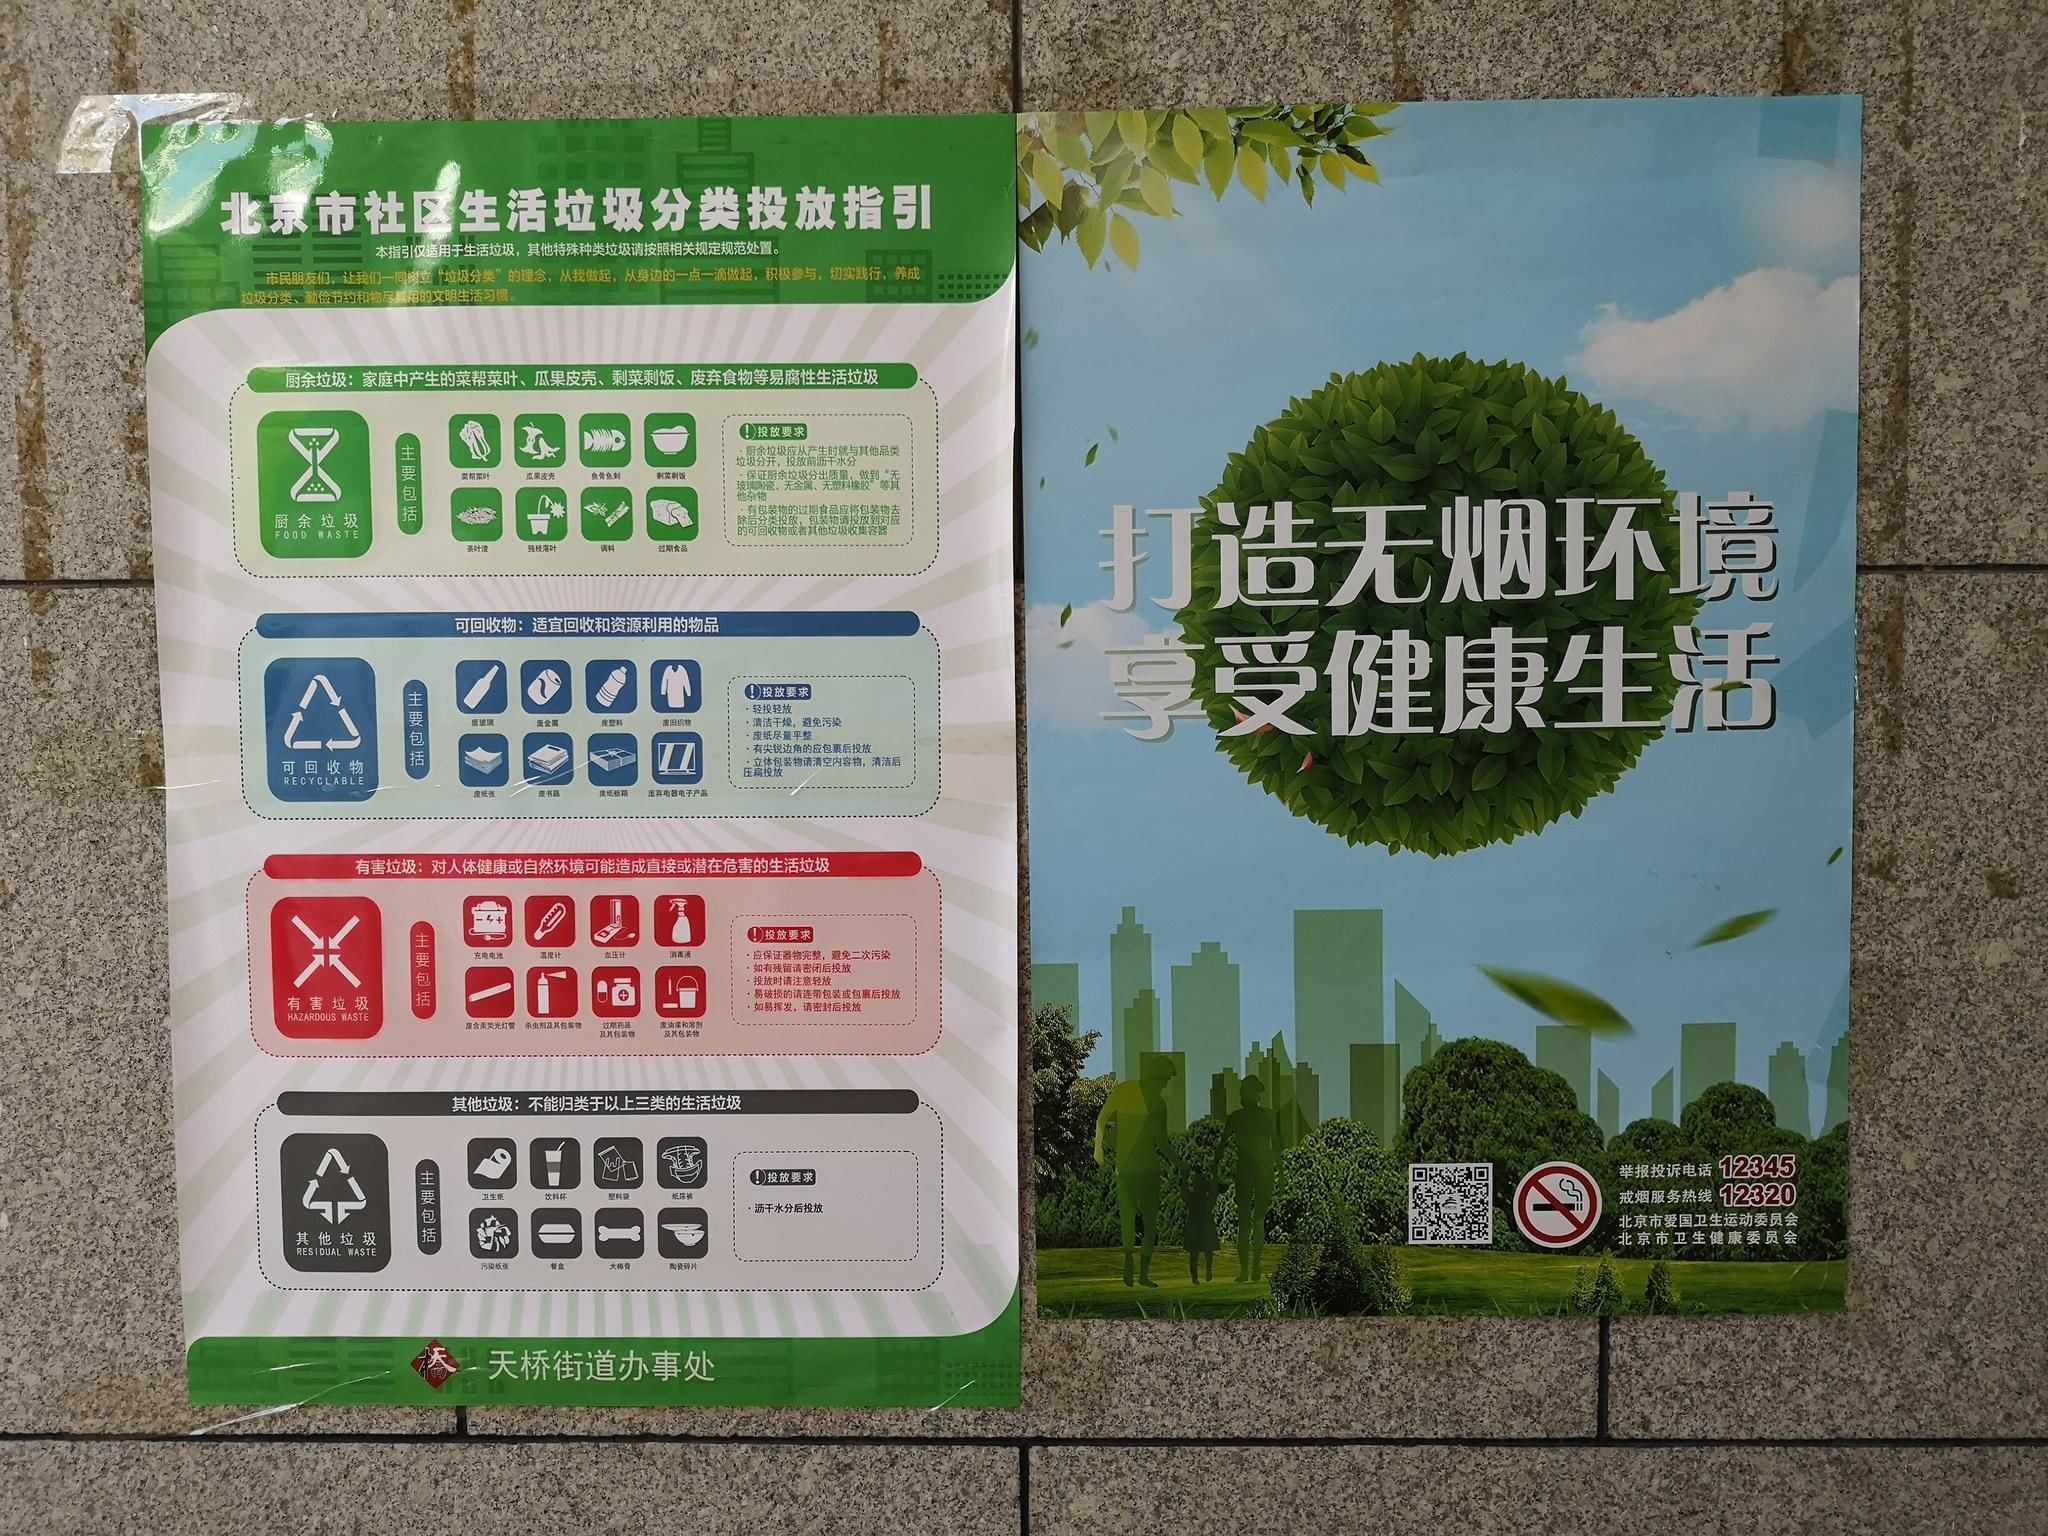 盛景嘉园住民楼下张贴的垃圾分类指引海报。摄 新京报记者 黄哲程